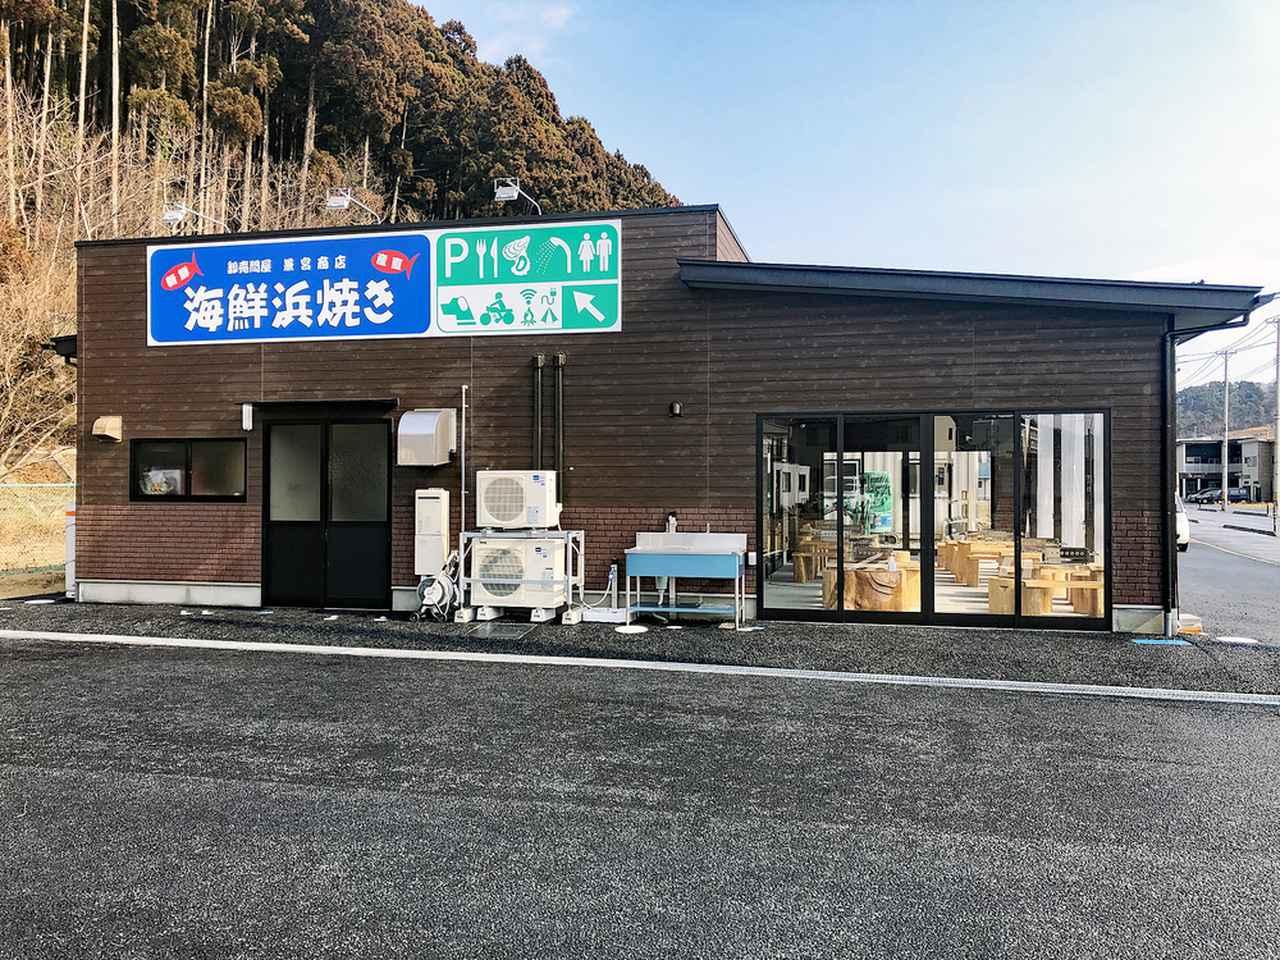 画像: RVパーク施設情報|RVパークおながわ&浜焼きコーナー(宮城県)|くるま旅サイト